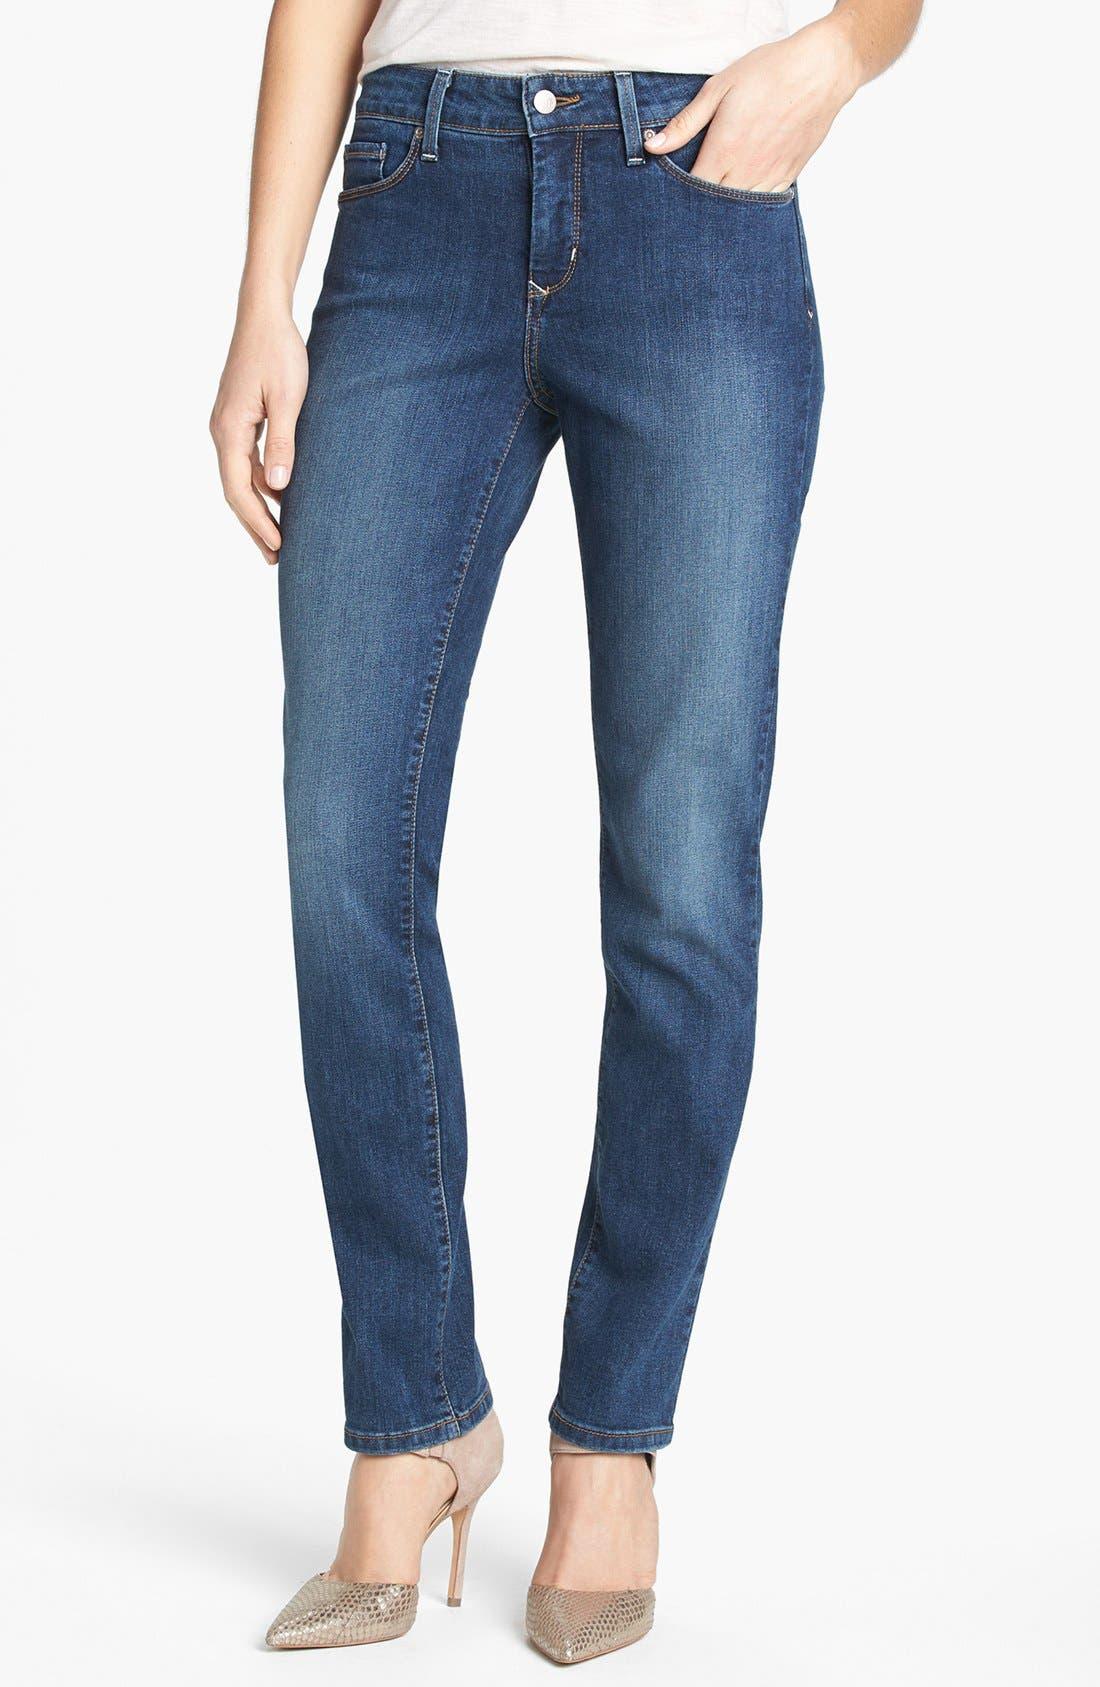 Alternate Image 1 Selected - NYDJ 'Sheri' Stretch Skinny Jeans (Lynbrook)